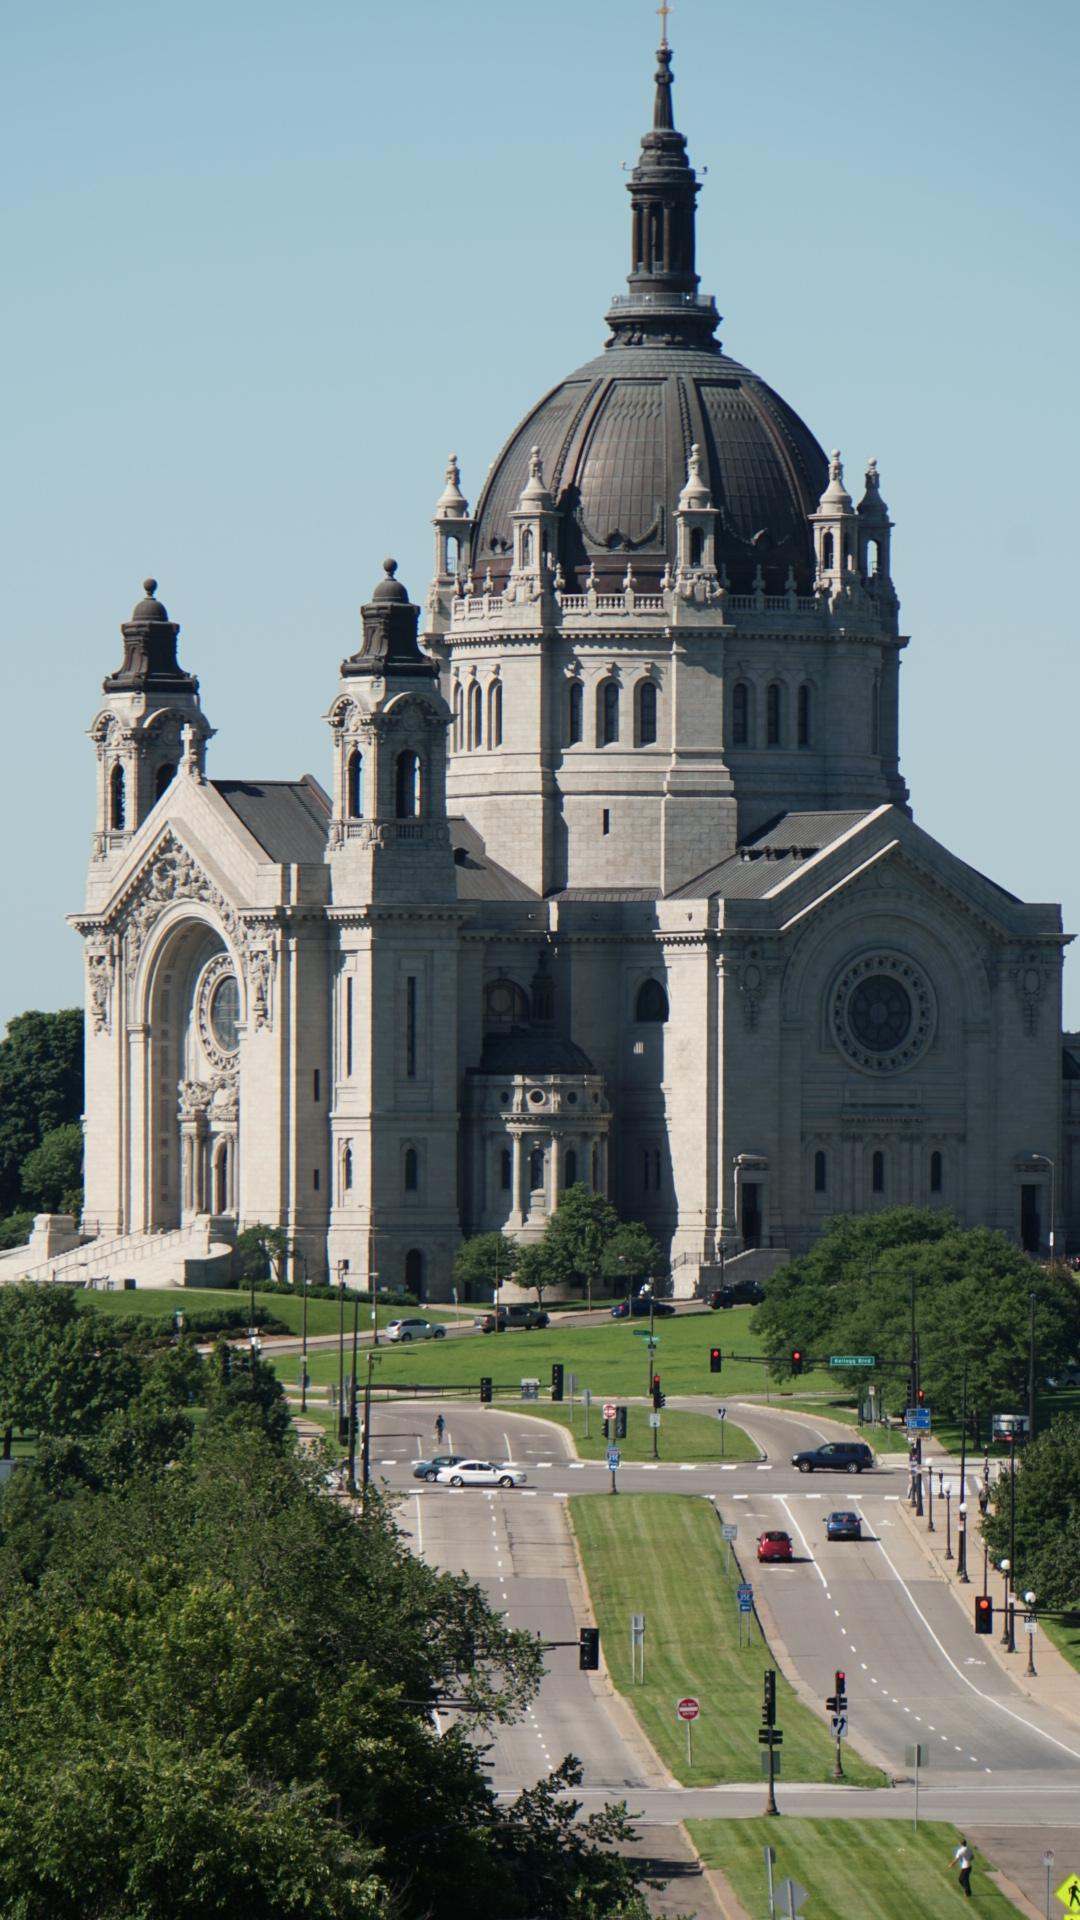 遠くから撮らないとカメラに収まらない巨大なセントポール大寺院。旅行者でも礼拝中、結婚式中に自由に出入りできる(ミネソタ州)